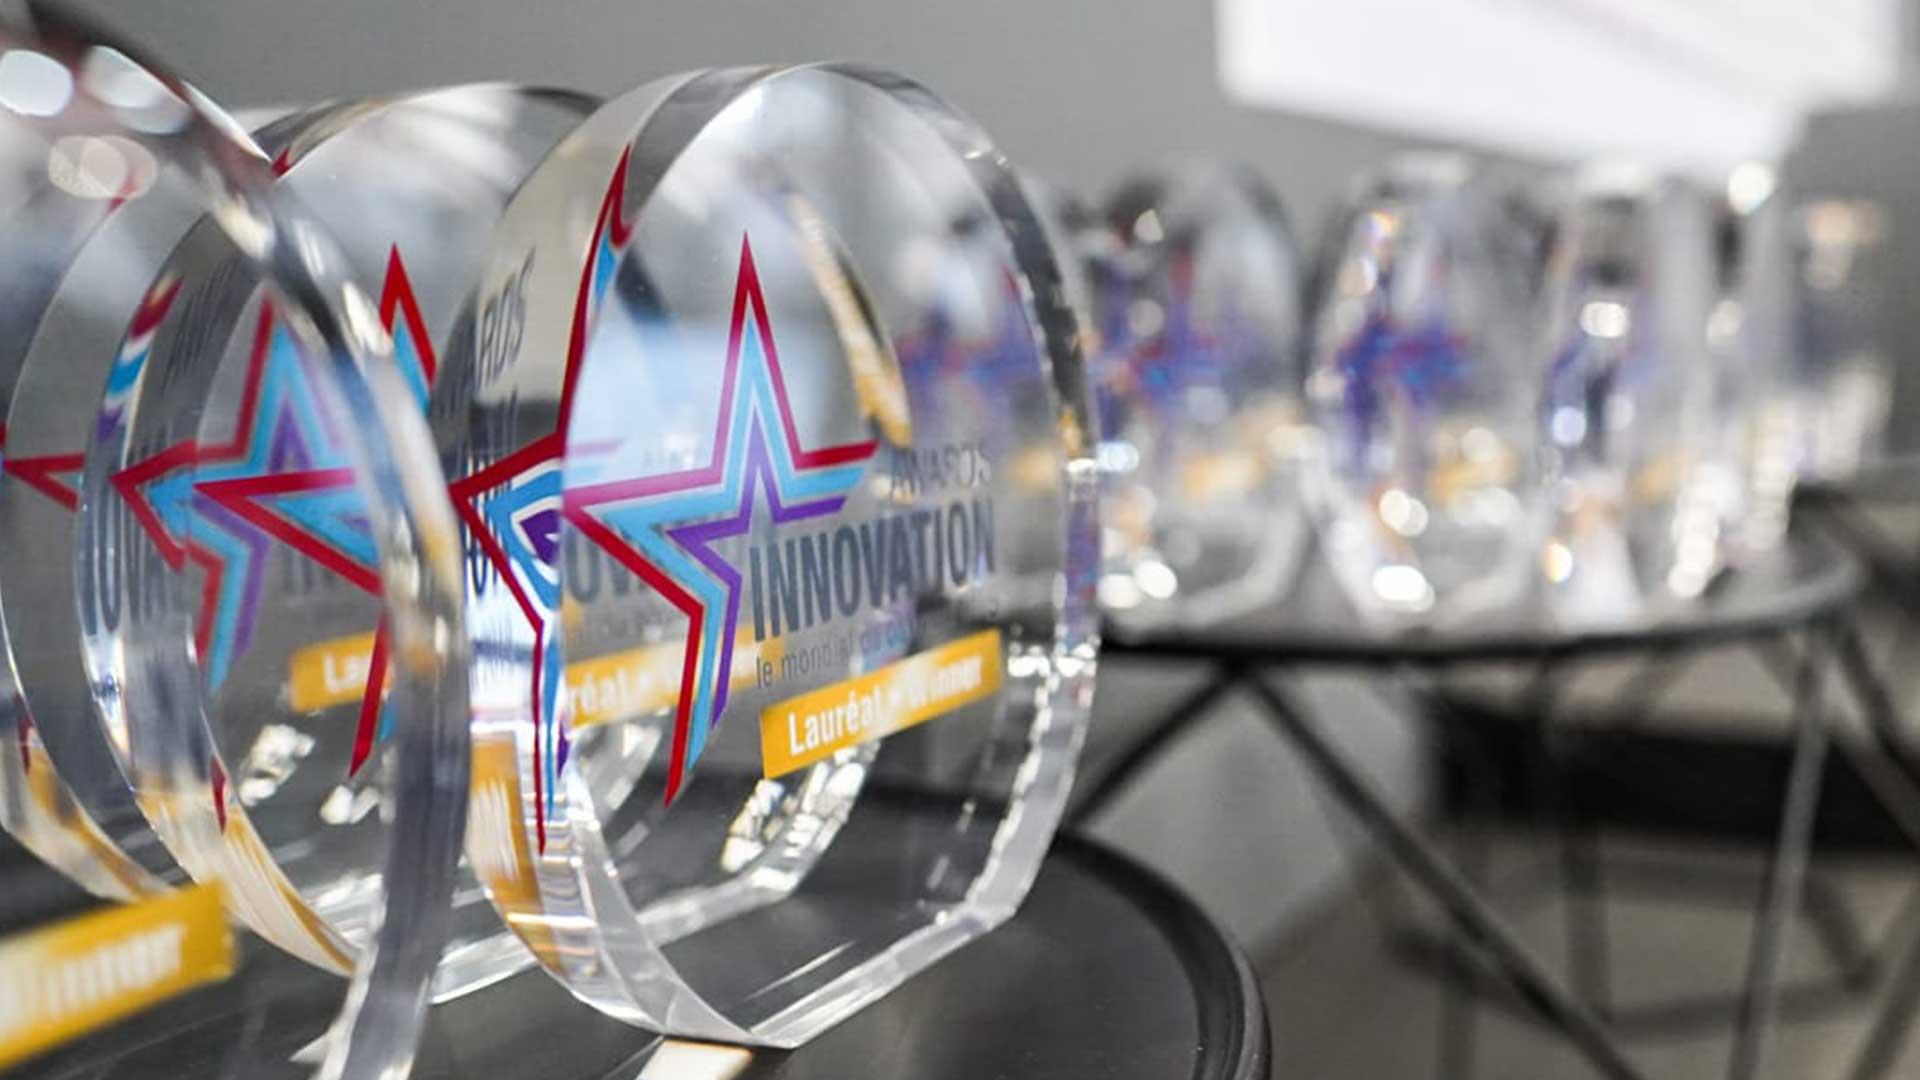 Awards innovation